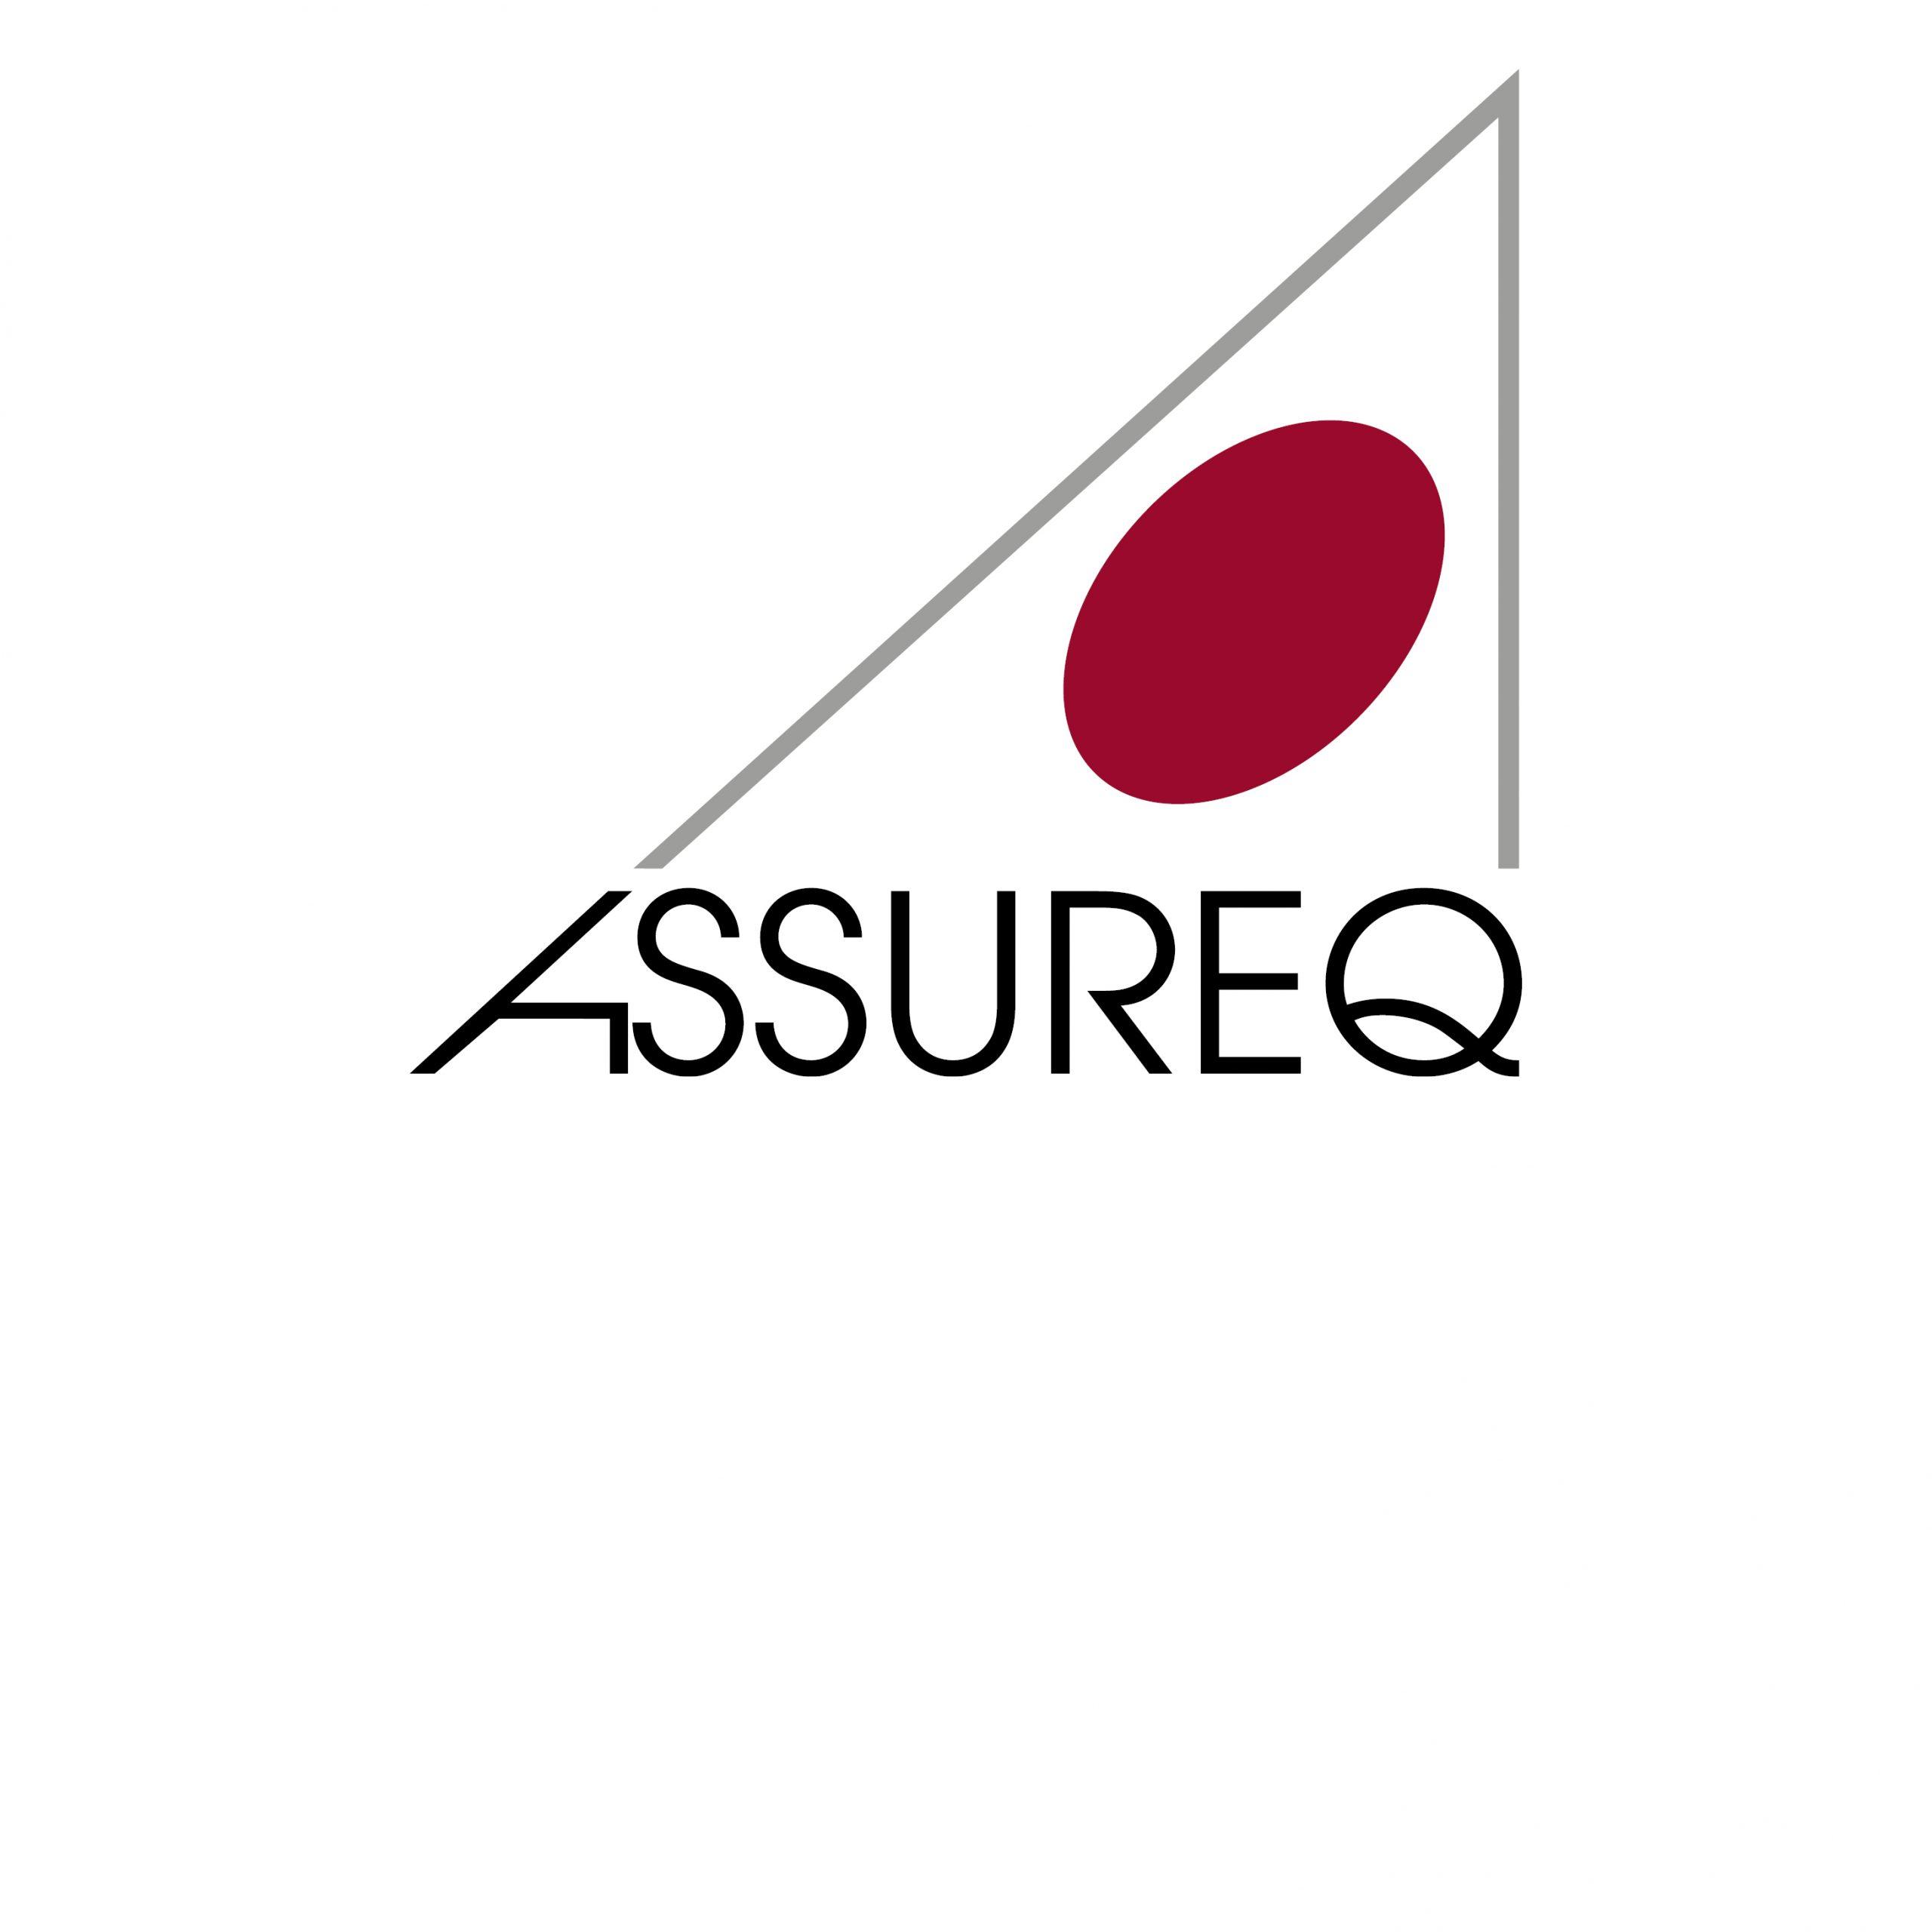 Assemblée générale d'ASSUREQ 2020 reportée au 2 novembre 2020 en format virtuel